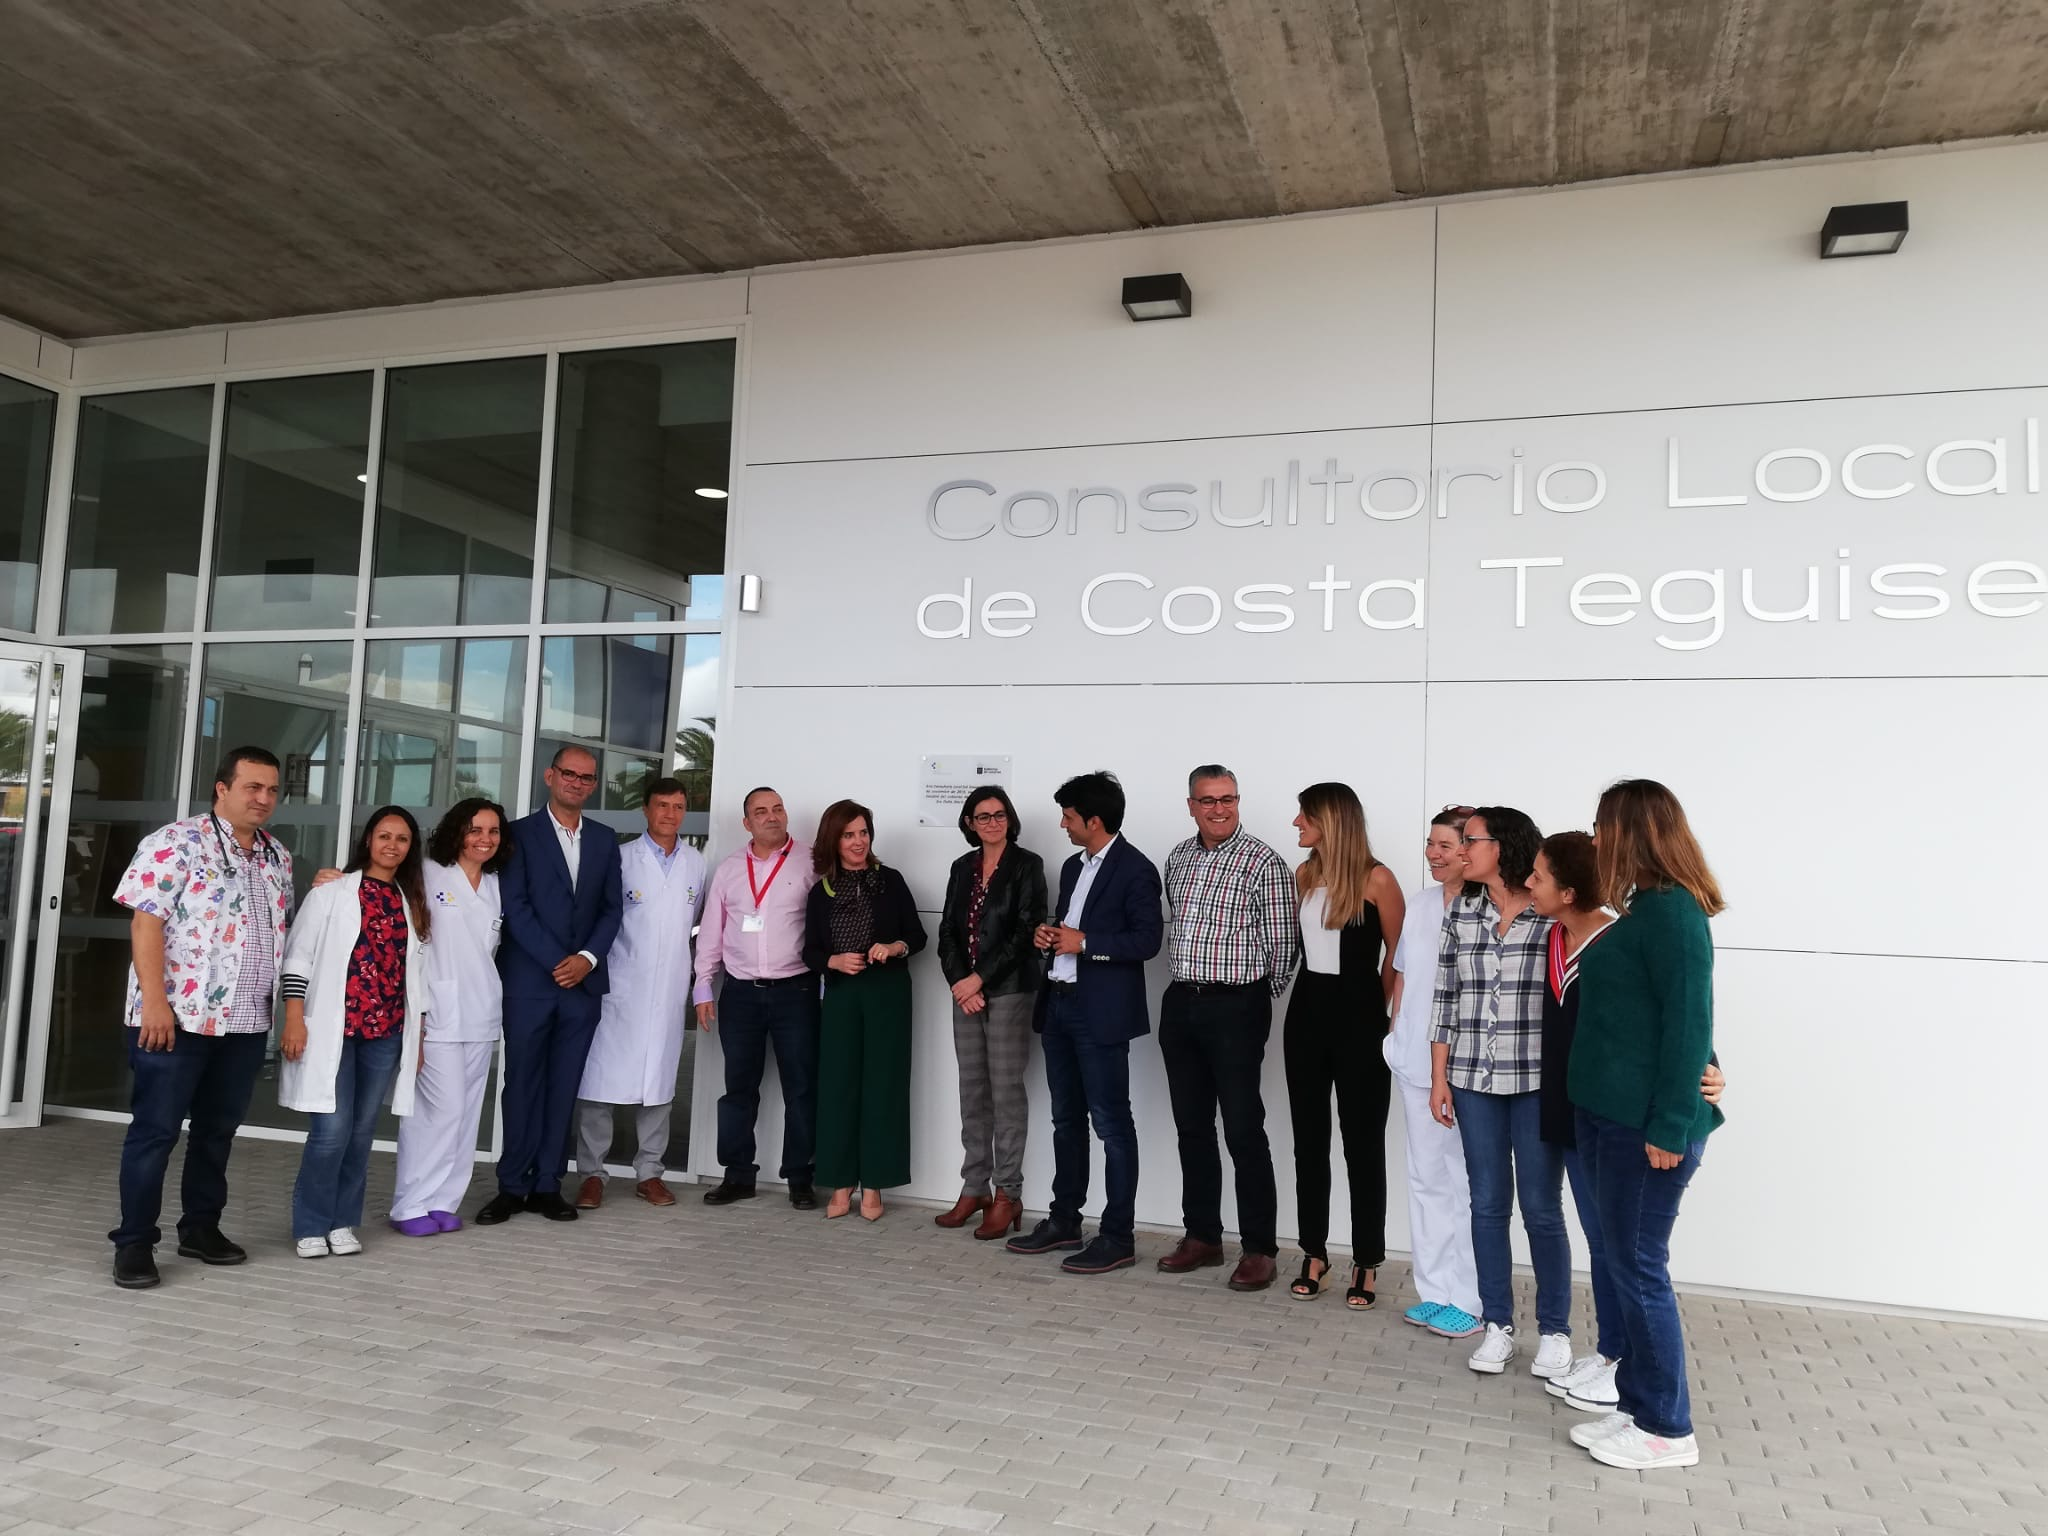 inauguración CL Costa Teguise